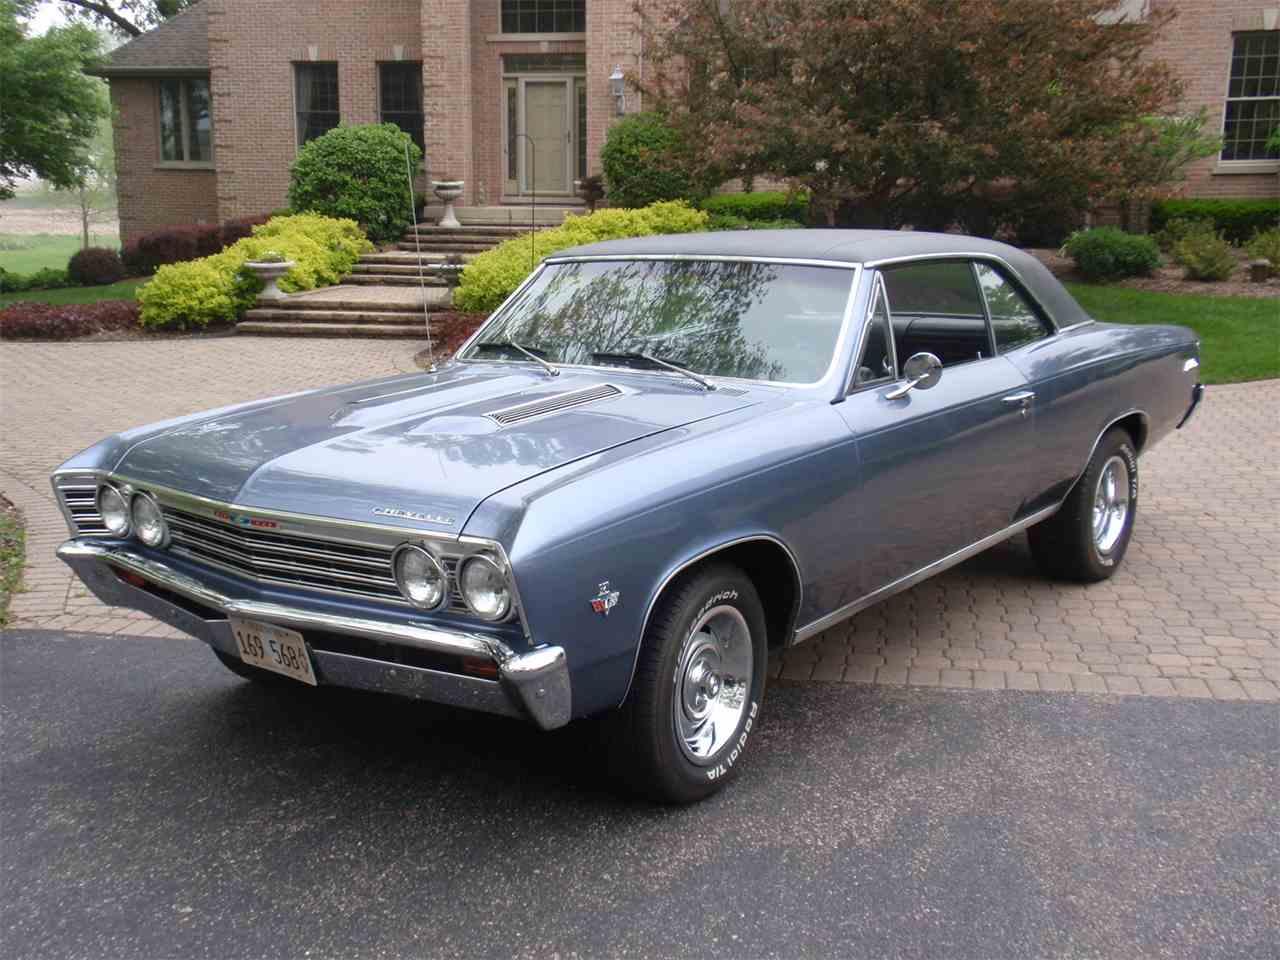 1967 Chevrolet Chevelle Malibu for Sale